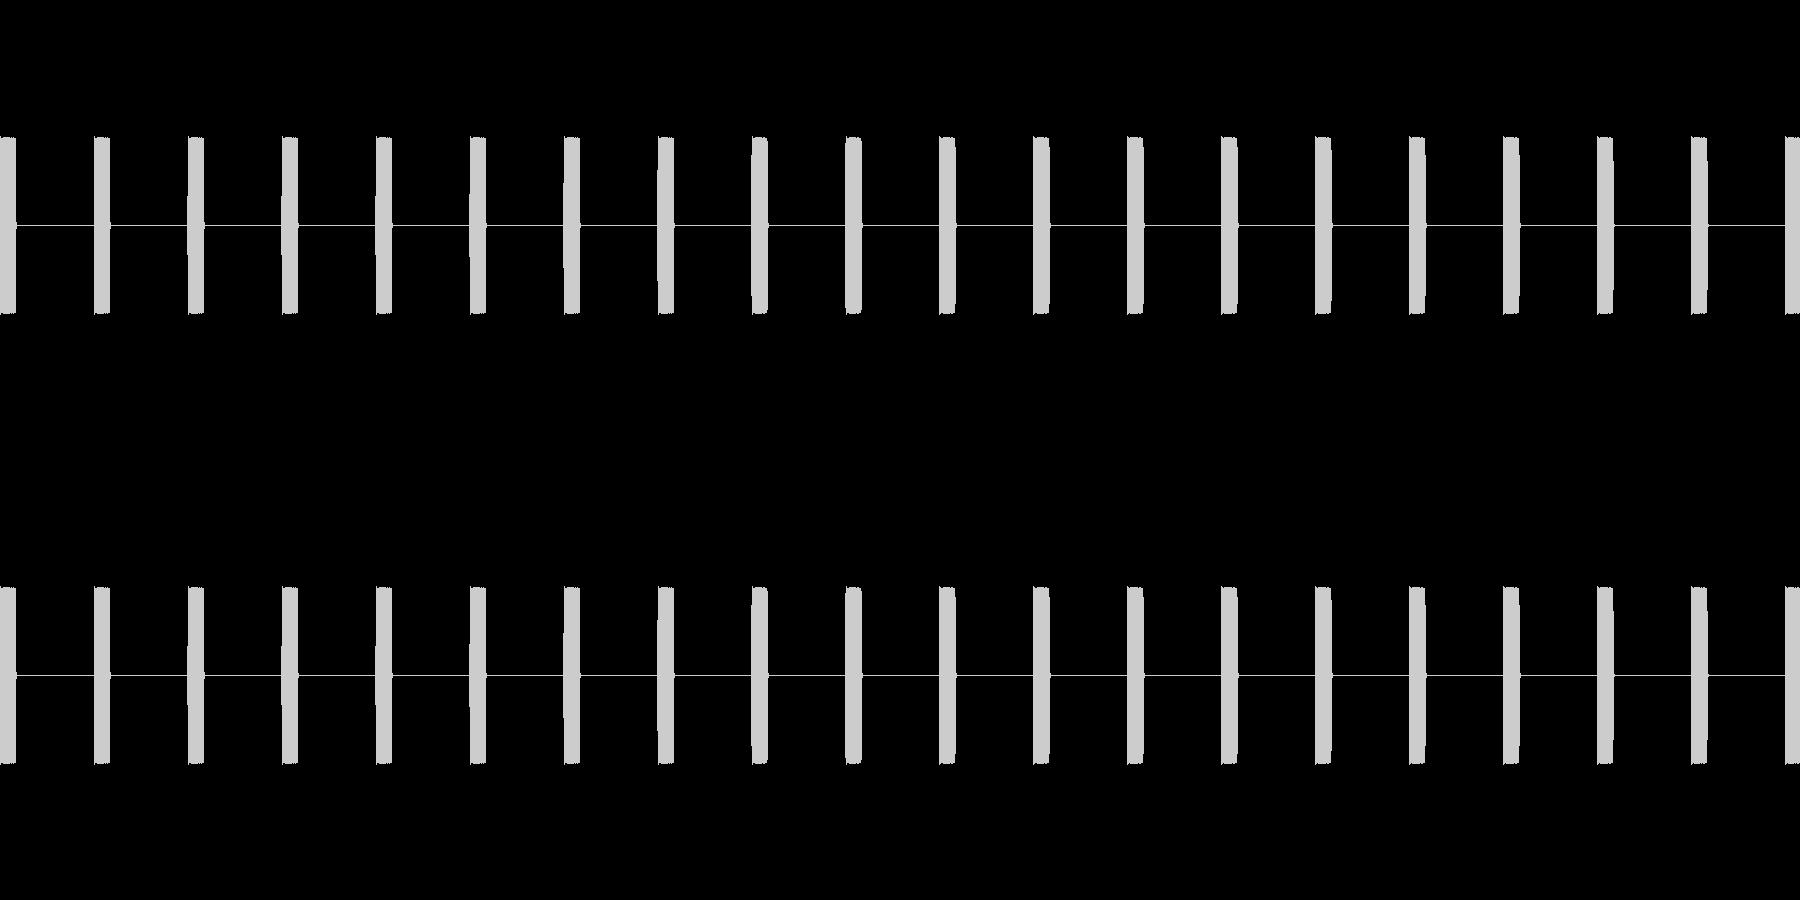 爆弾起爆装置の時計:ゆっくりとした...の未再生の波形